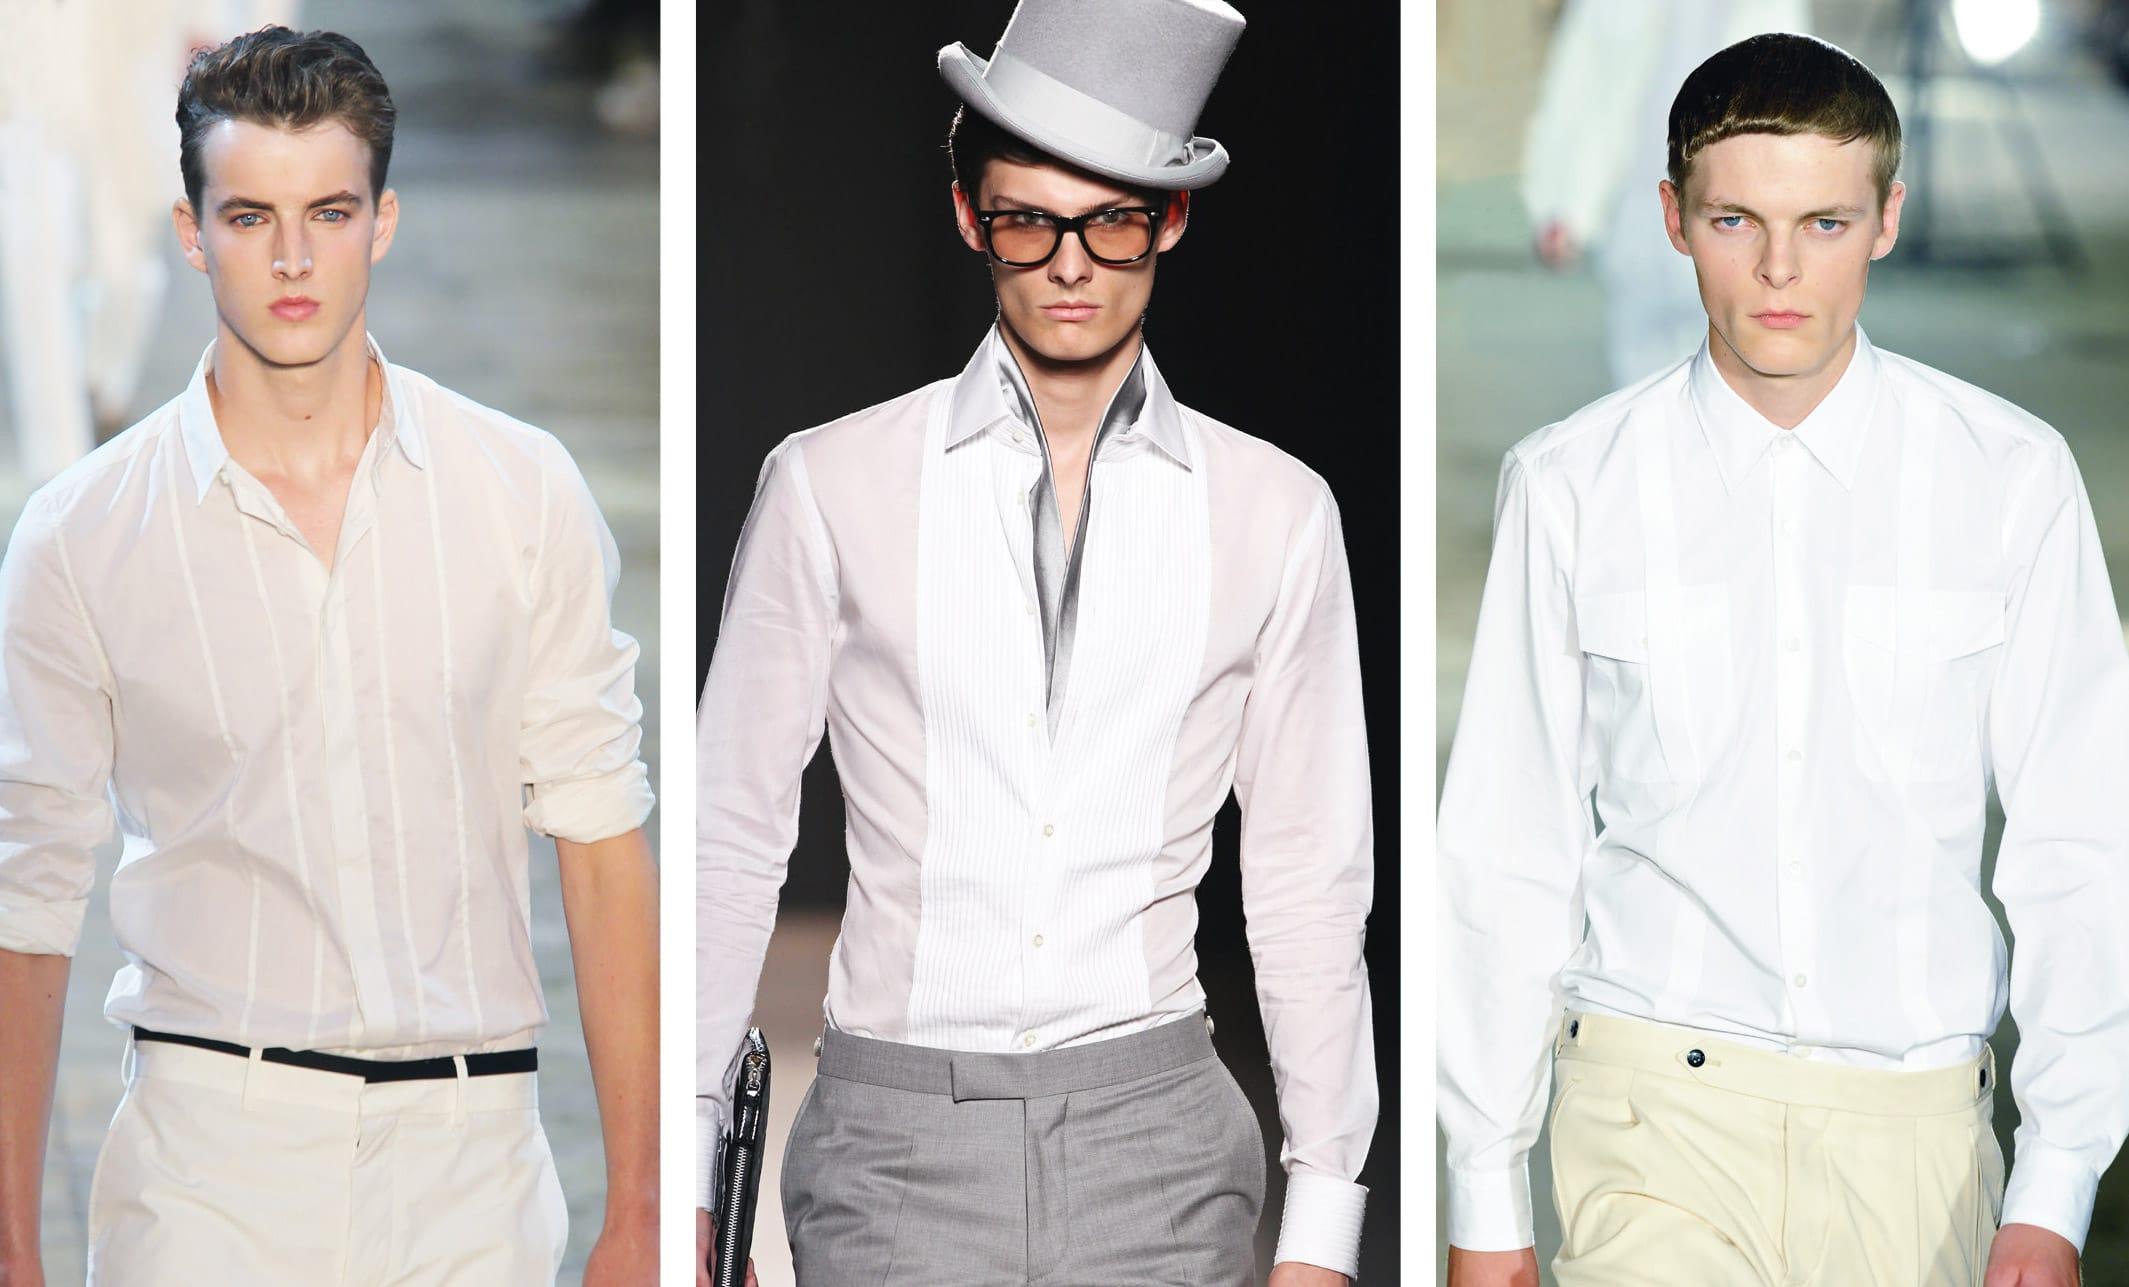 Zeigt drei Männerhemden in weiß